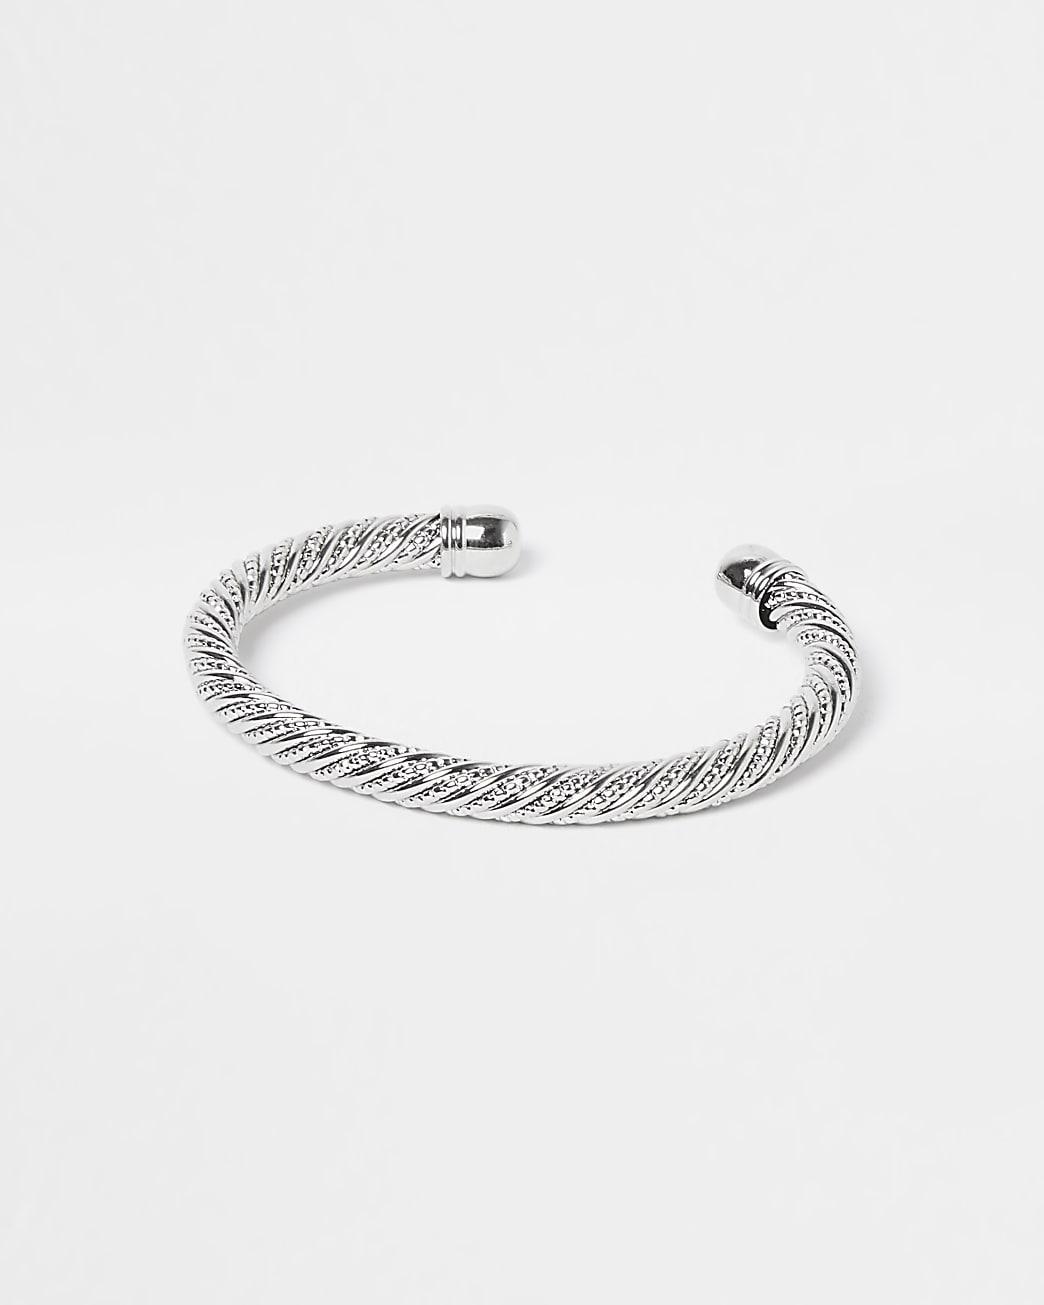 Silver twist cuff bracelet